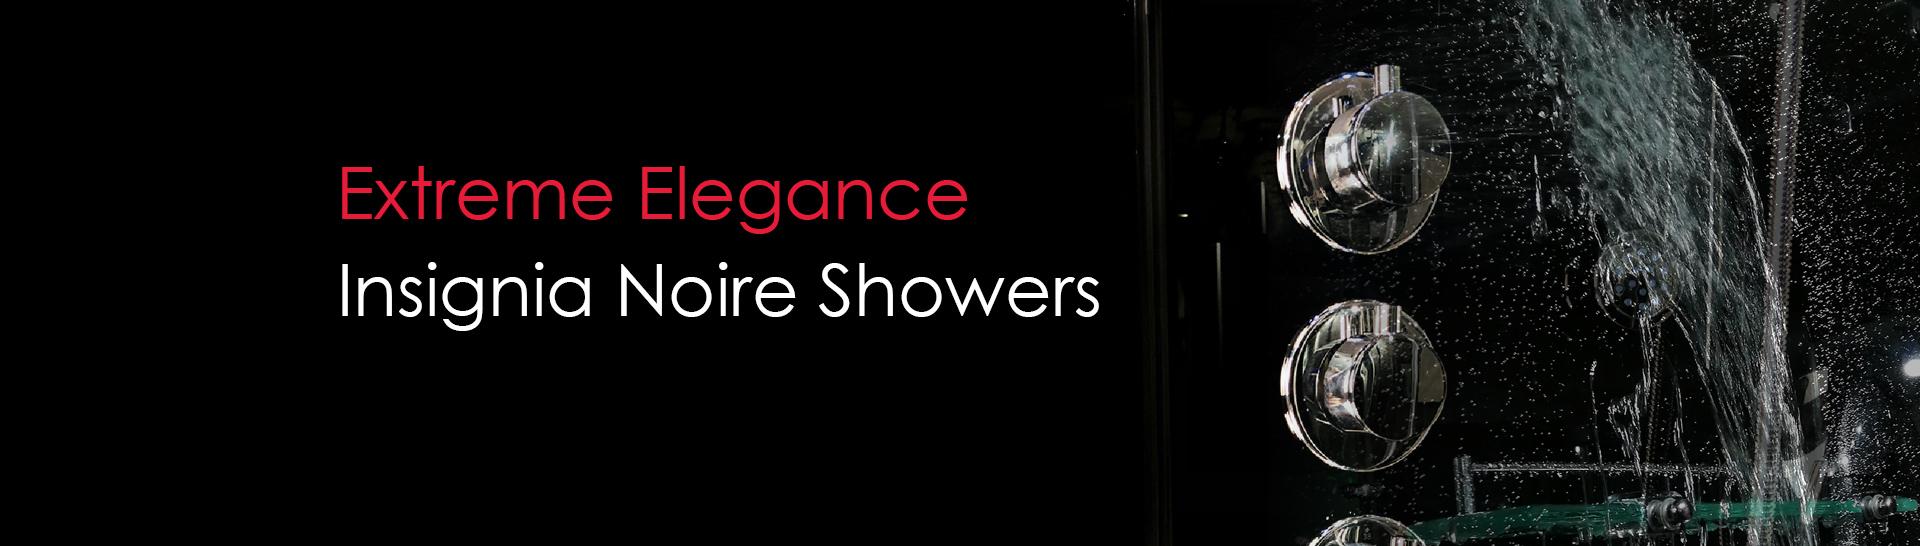 Noire Showers